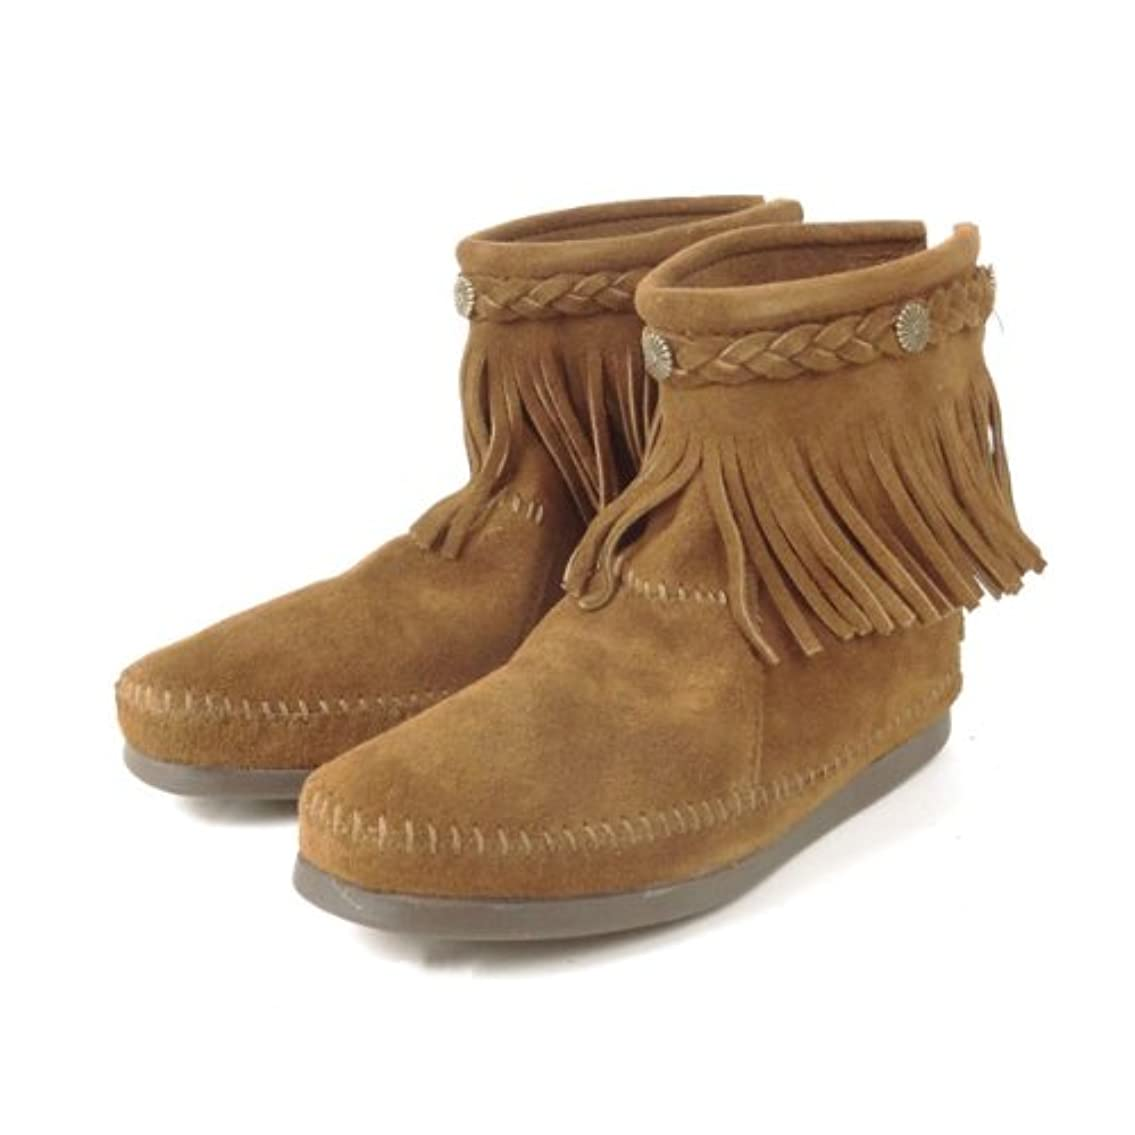 飢えたバケットスタジオMINNETONKA (ミネトンカ) バックジップ フリンジ ショートブーツ Hi Top Back ZIP Boot [並行輸入品] #293/DUSTY BROWN/ダスティブラウン US5